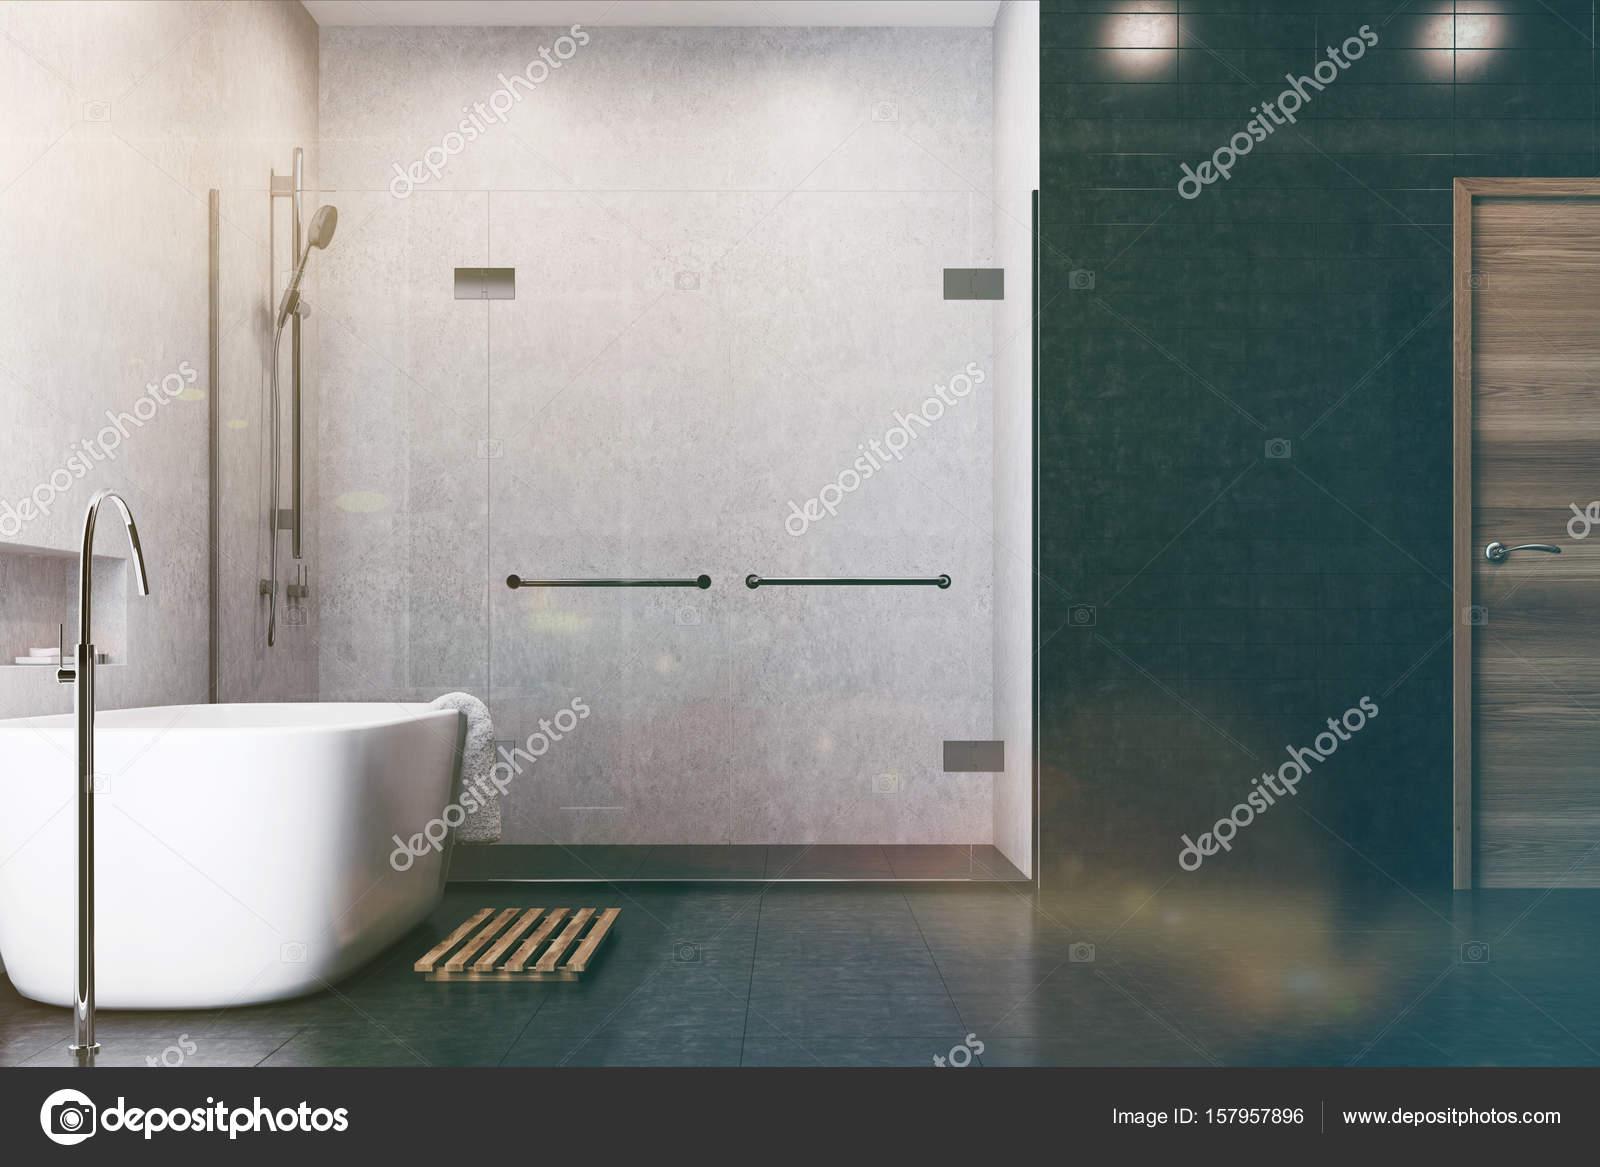 Piastrelle per bagno bianco, nero, lato doccia tonico — Foto Stock ...